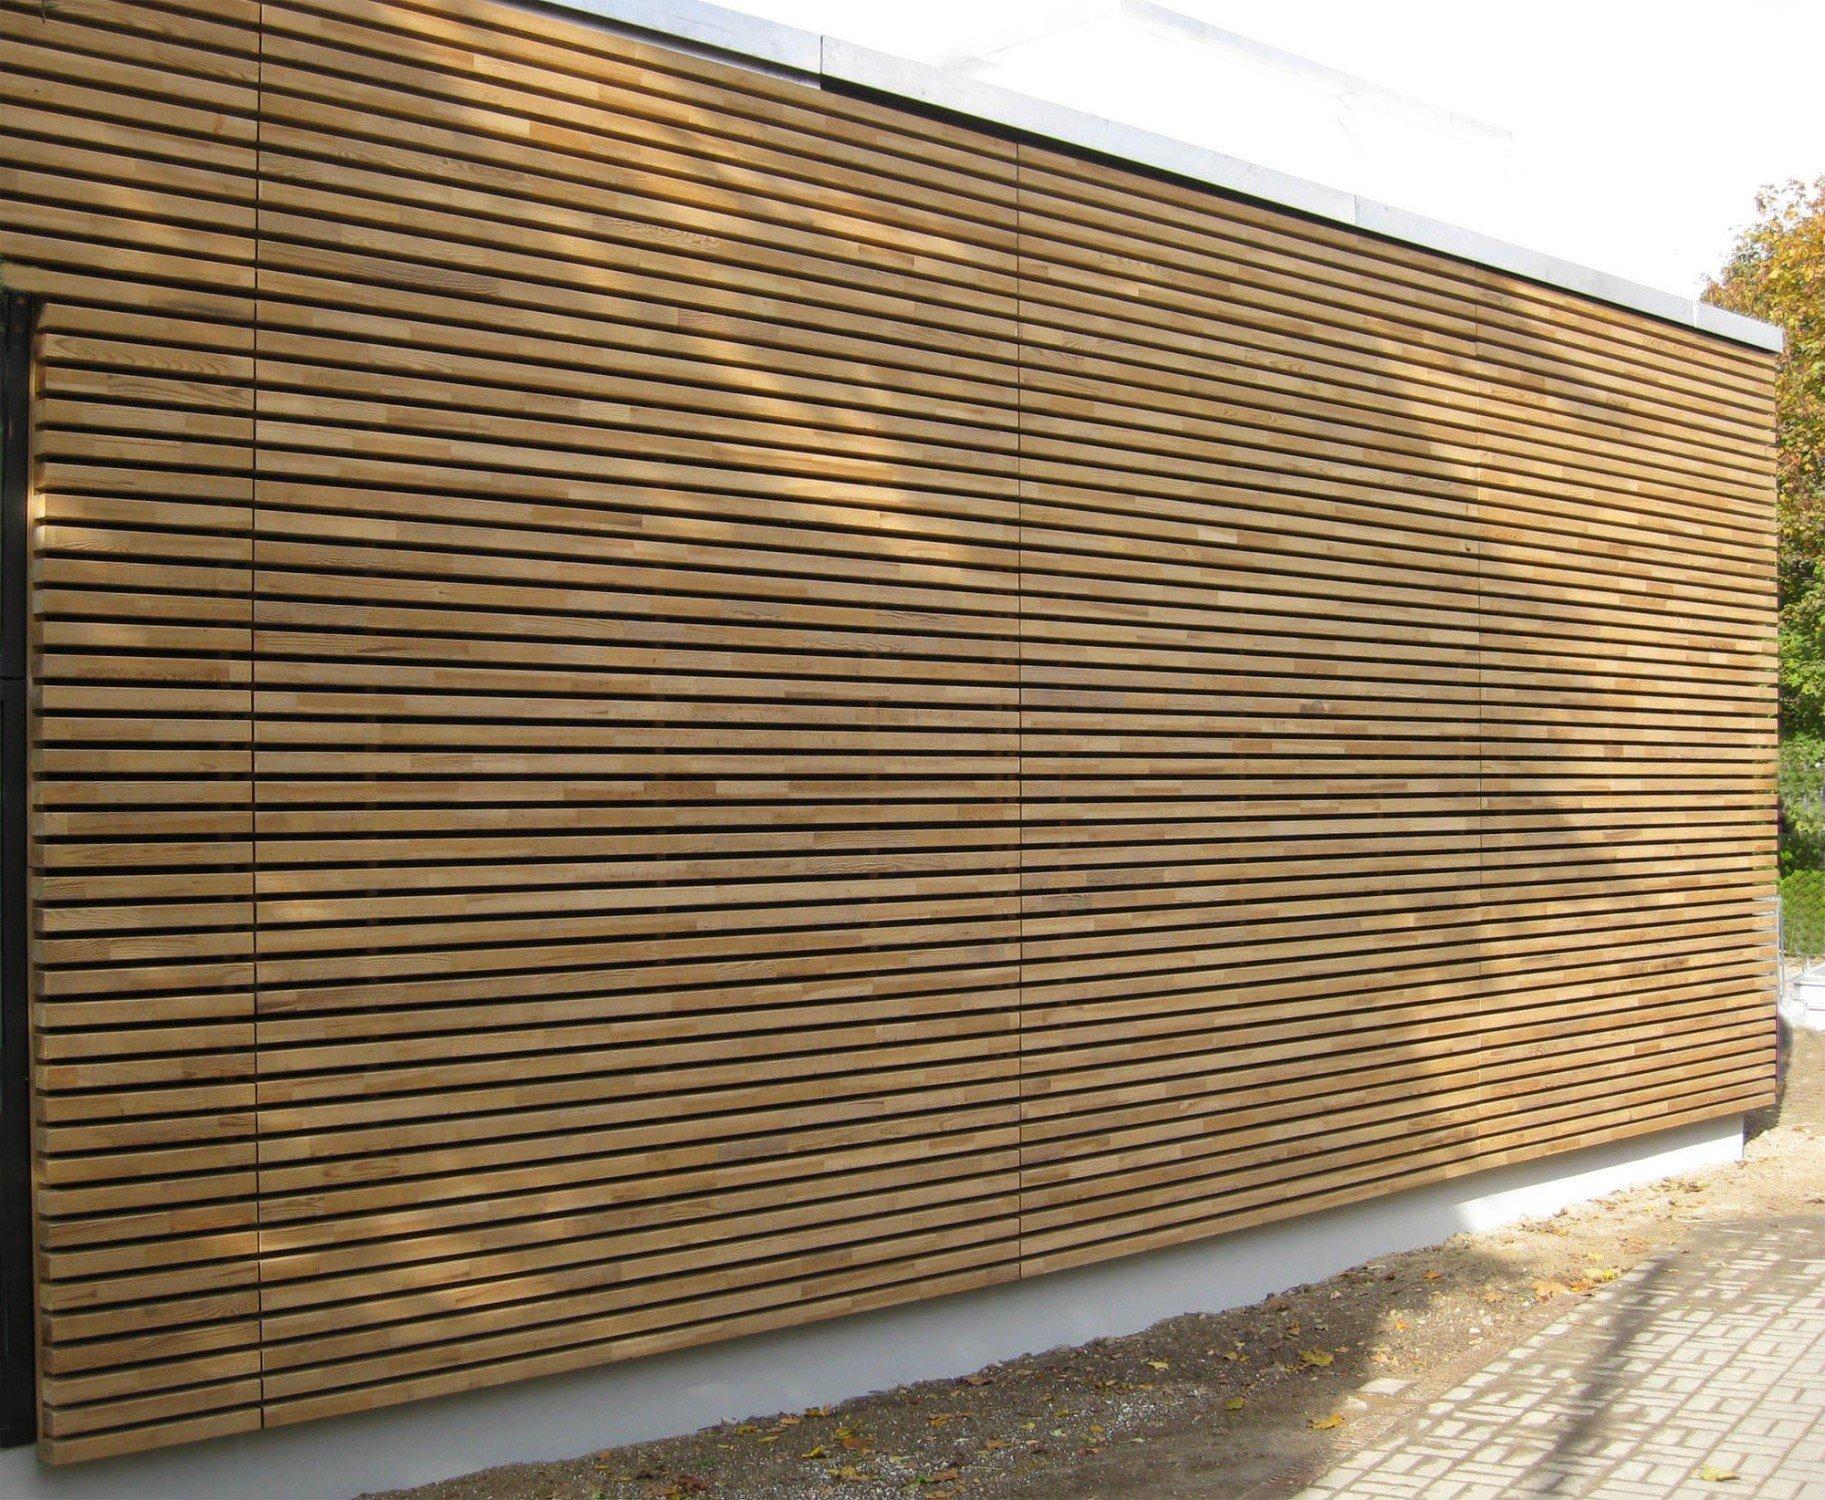 Wachs Durchtr Nkte Holz Fassadenprofile Fassade News